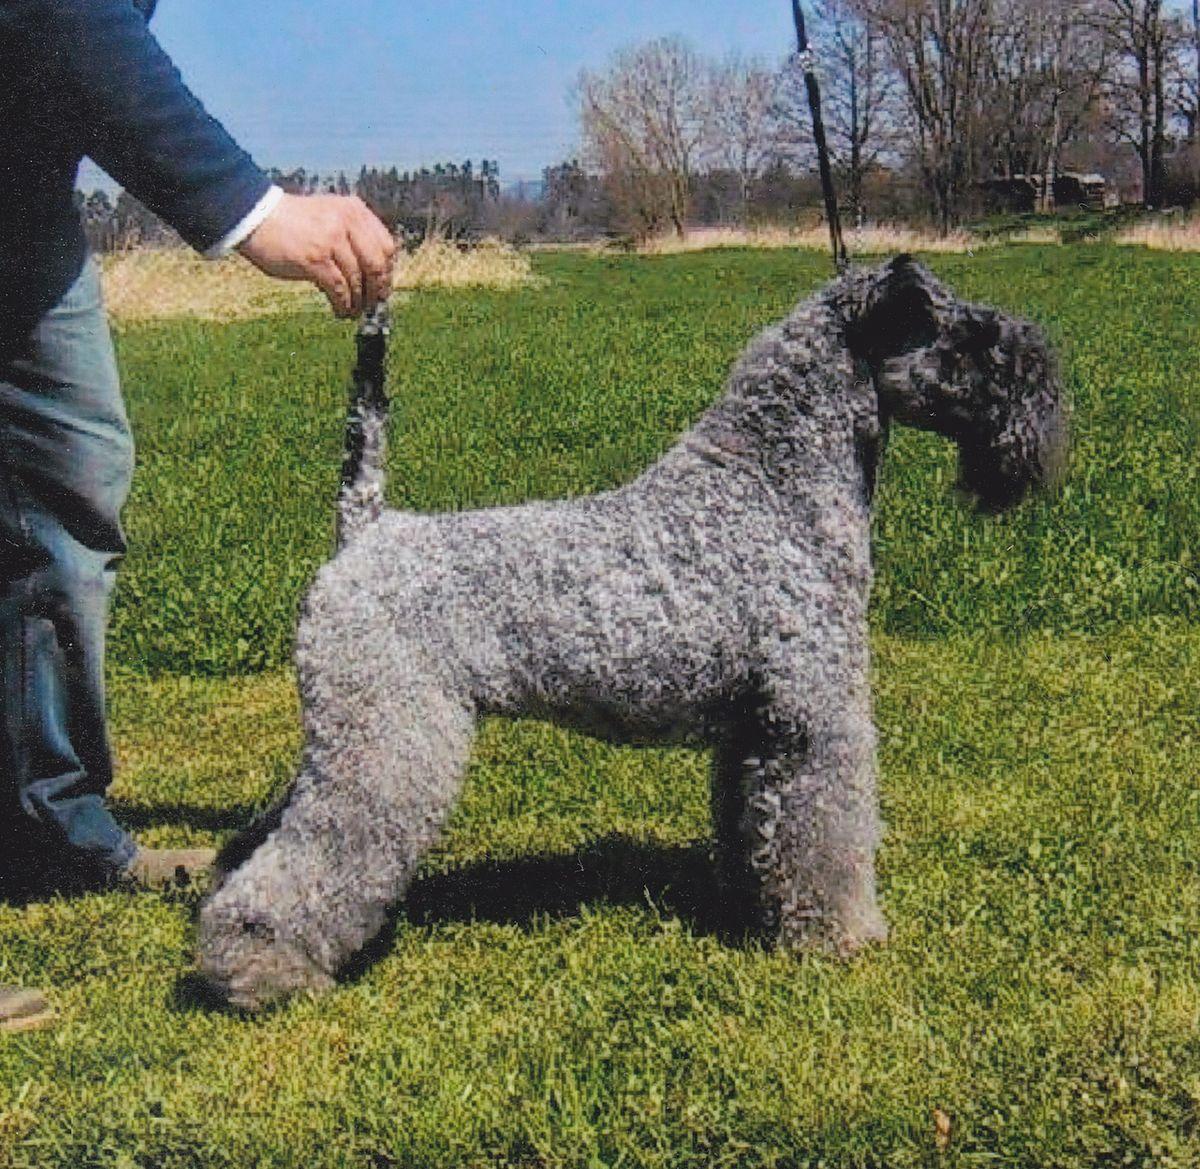 Miniature Kerry Blue Terrier